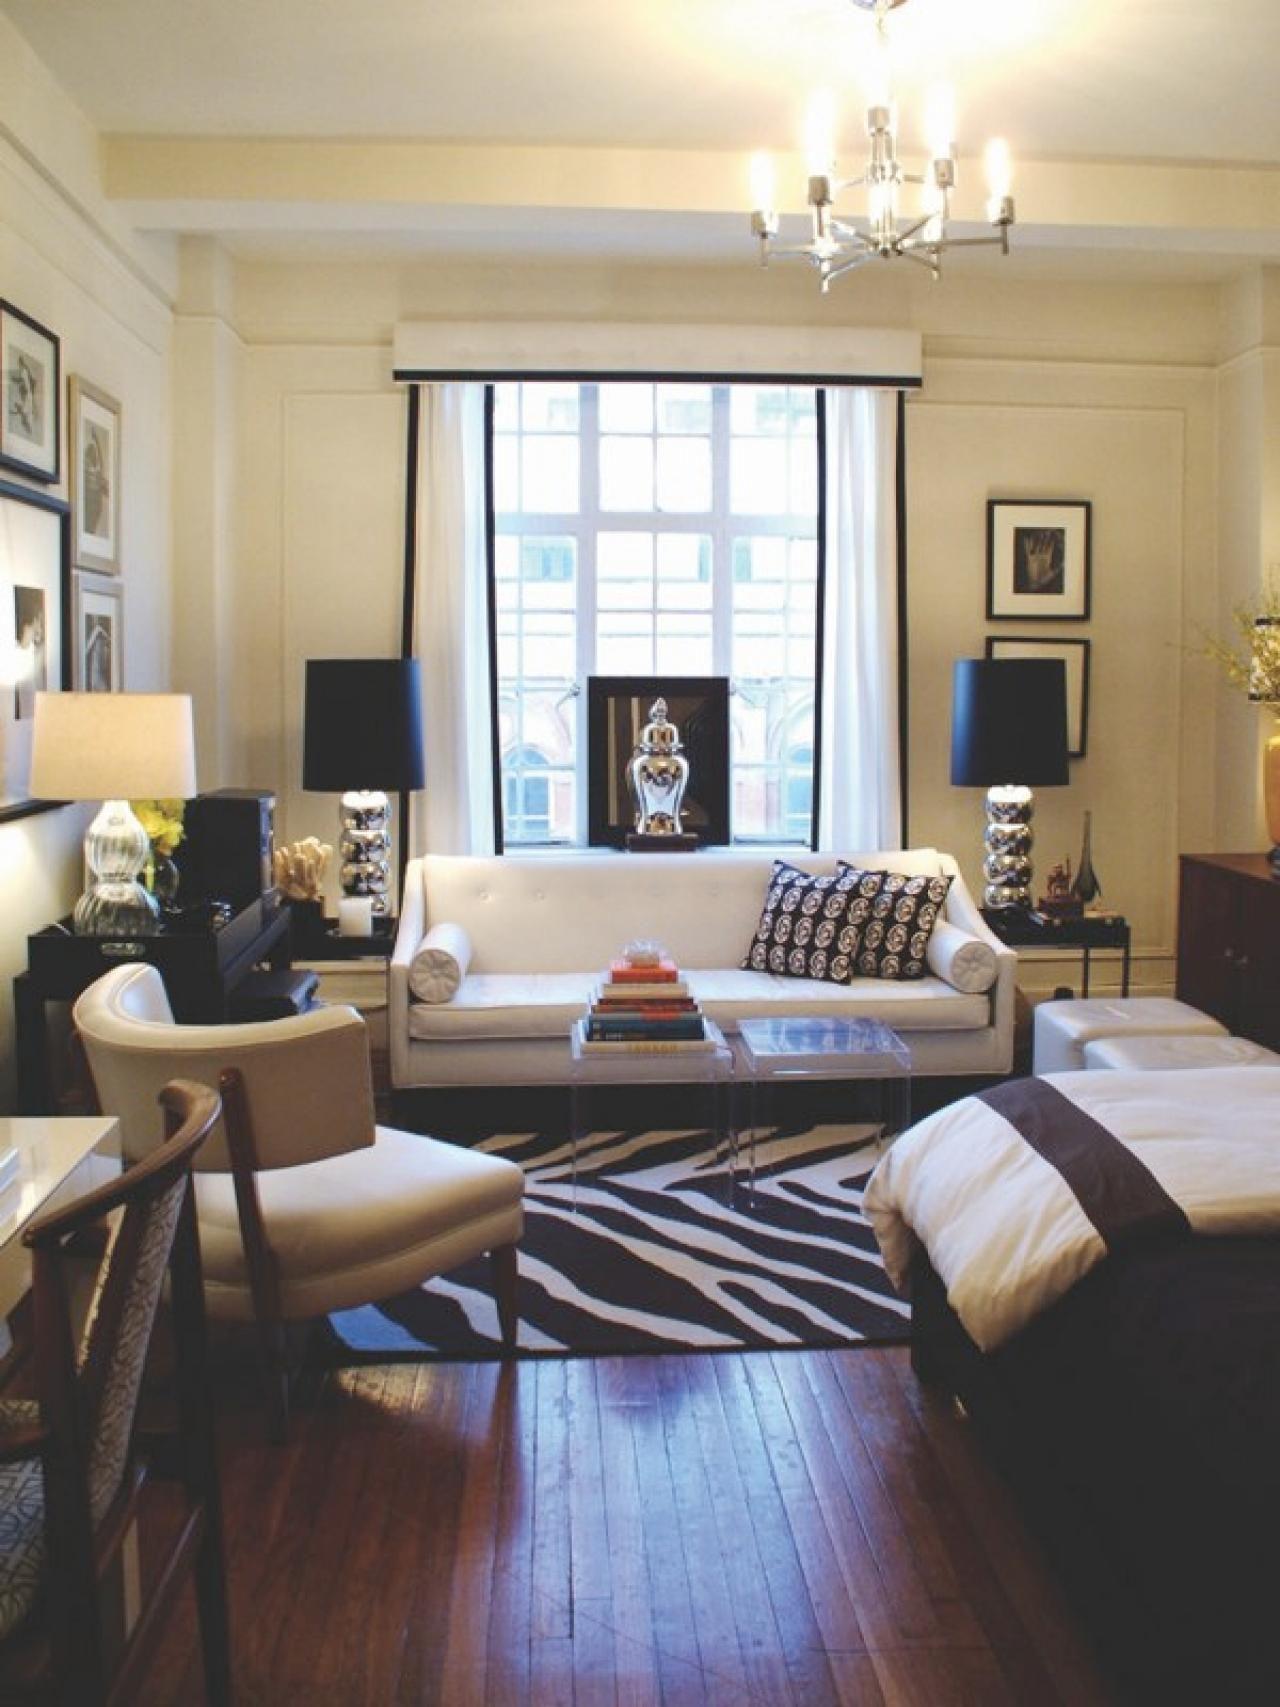 10 Fantastic Decorating Ideas For Studio Apartment 10 apartment decorating ideas apt ideas home decor studio 2020